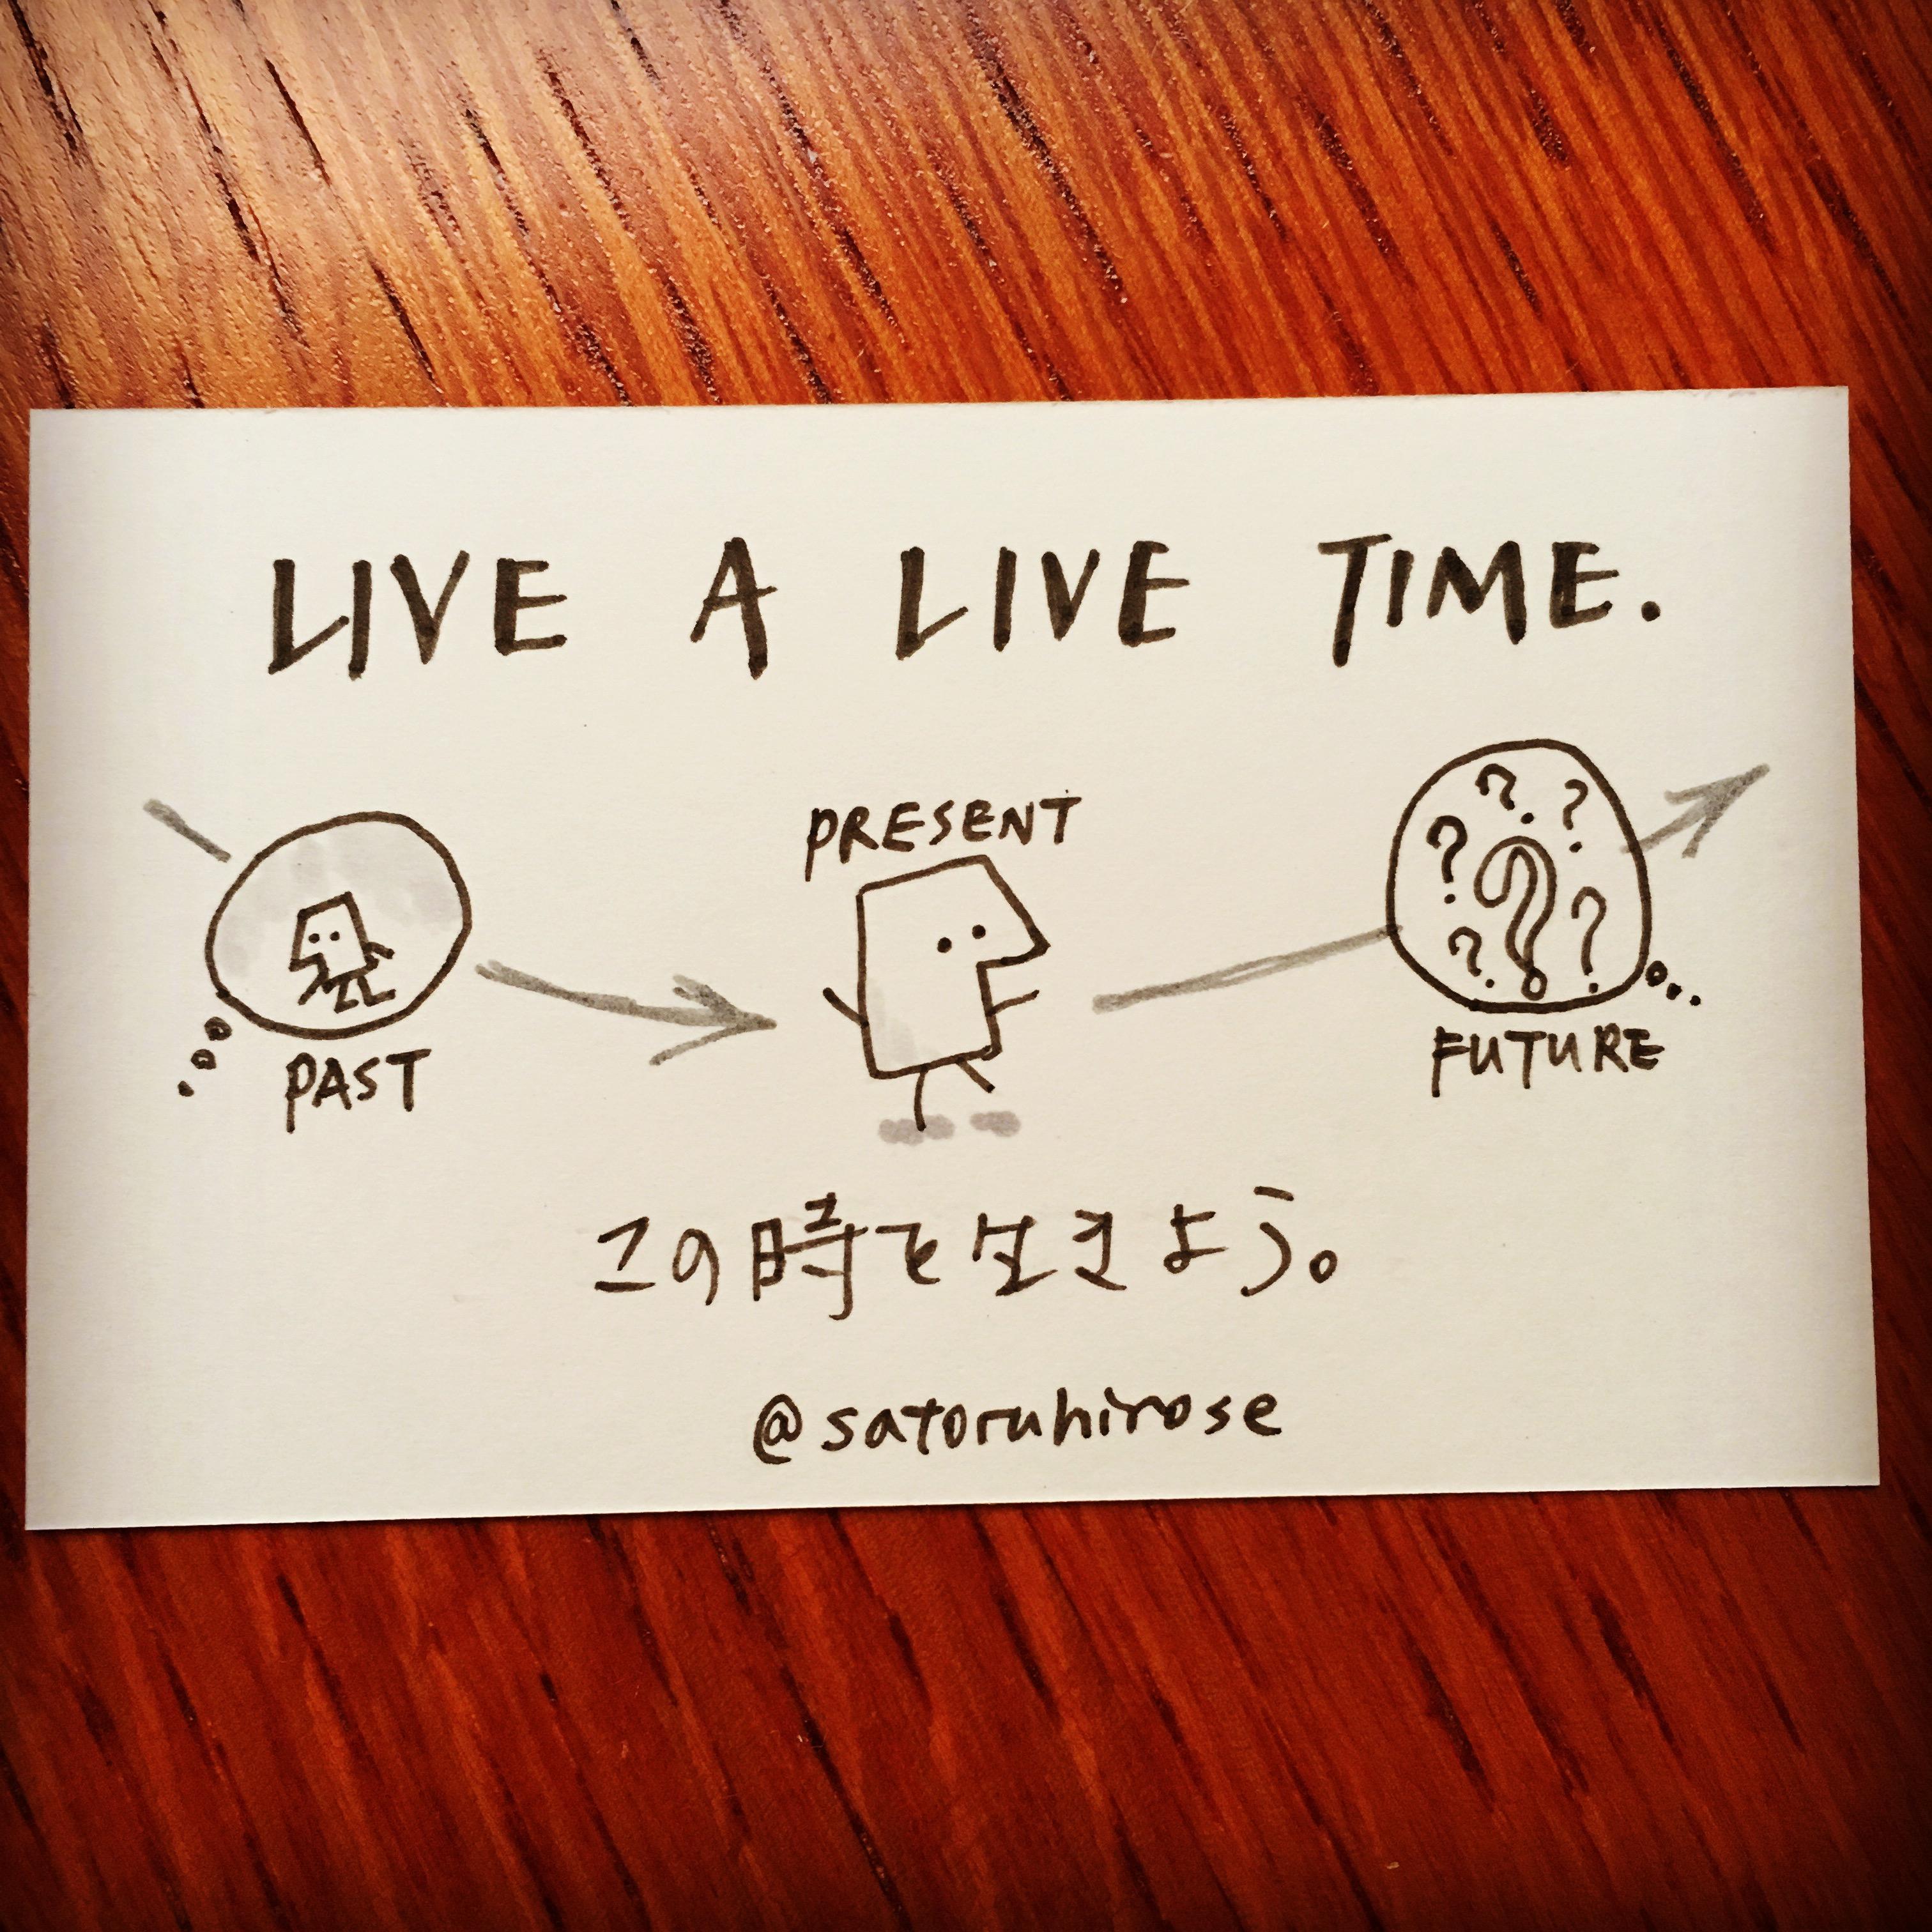 Live a live time.